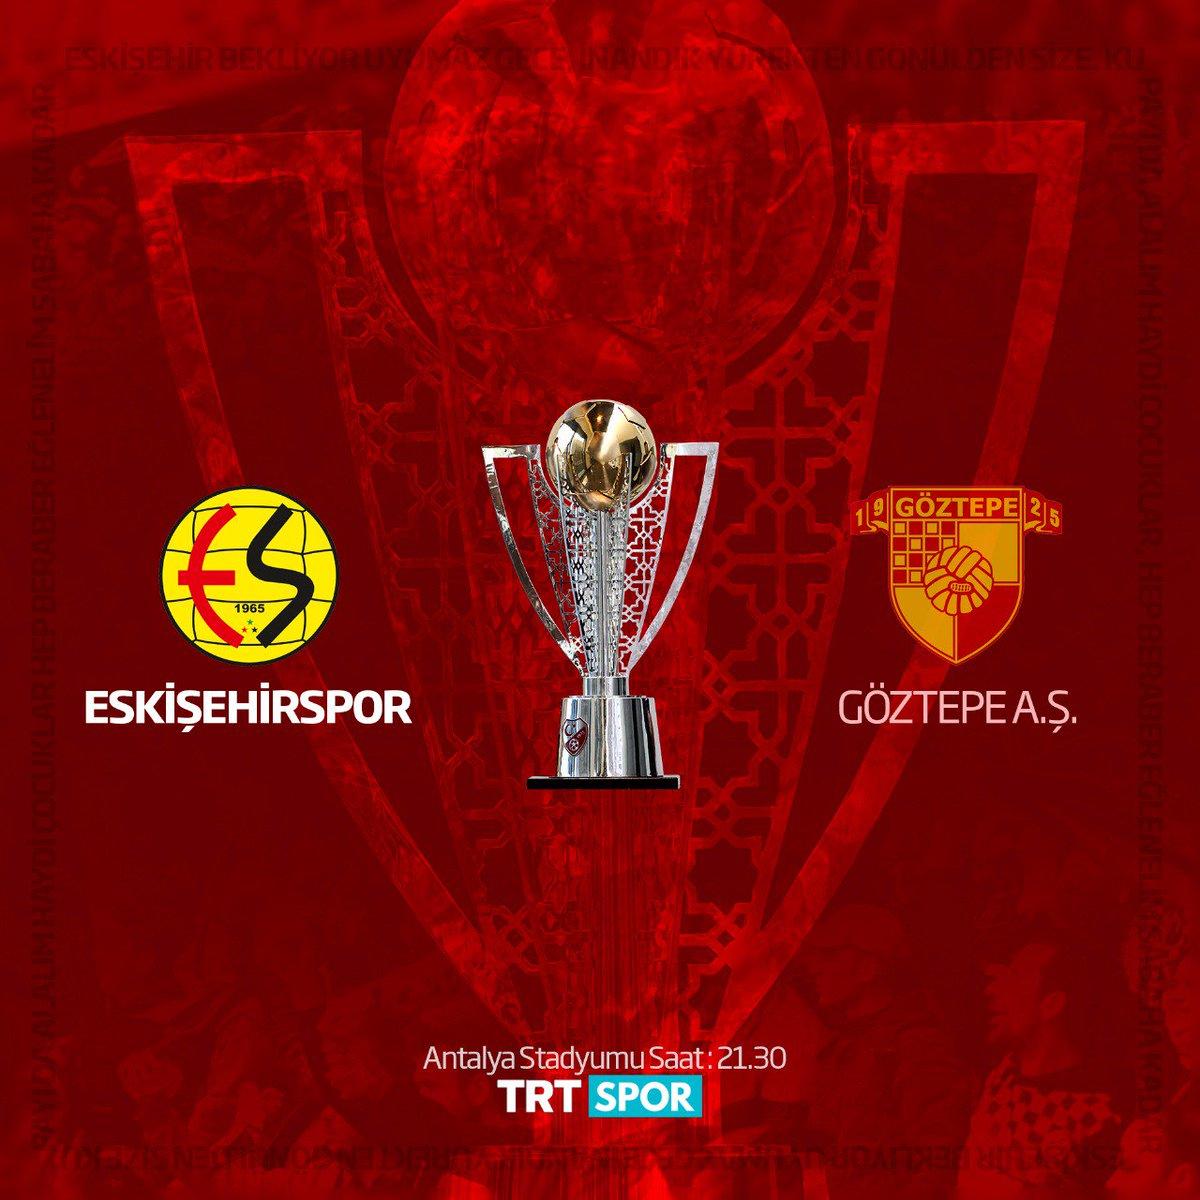 Kupa günü! Şampiyonluk parolasıyla sahaya çıkıyoruz... #Eskişehirspor #EsEs #KırmızıŞimşekler #AnadoluEfsanesi https://t.co/MXEZaHBv0l